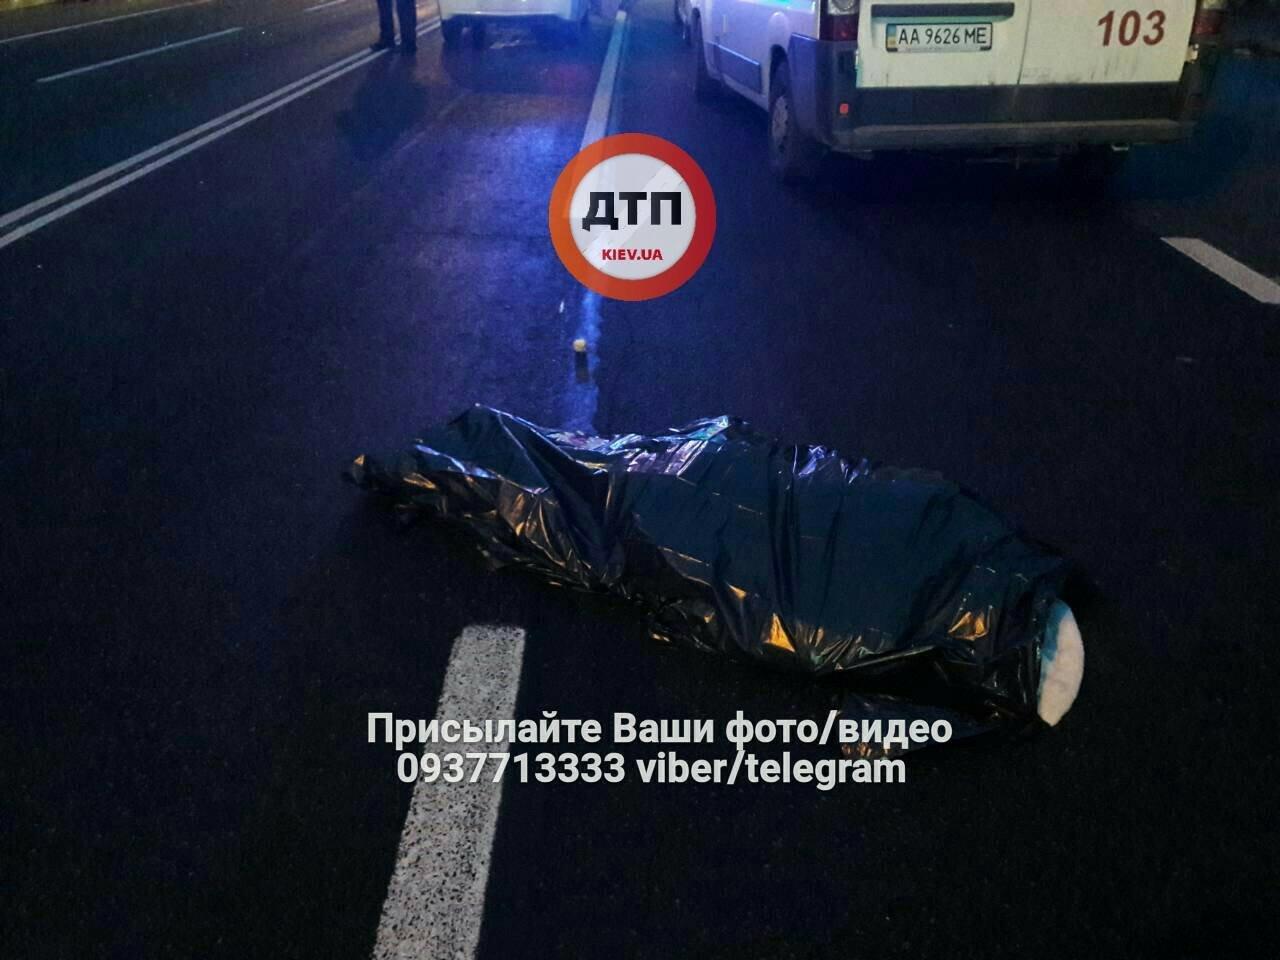 Под Киевом водитель насмерть сбил женщину и скрылся с места ДТП (ФОТО), фото-1